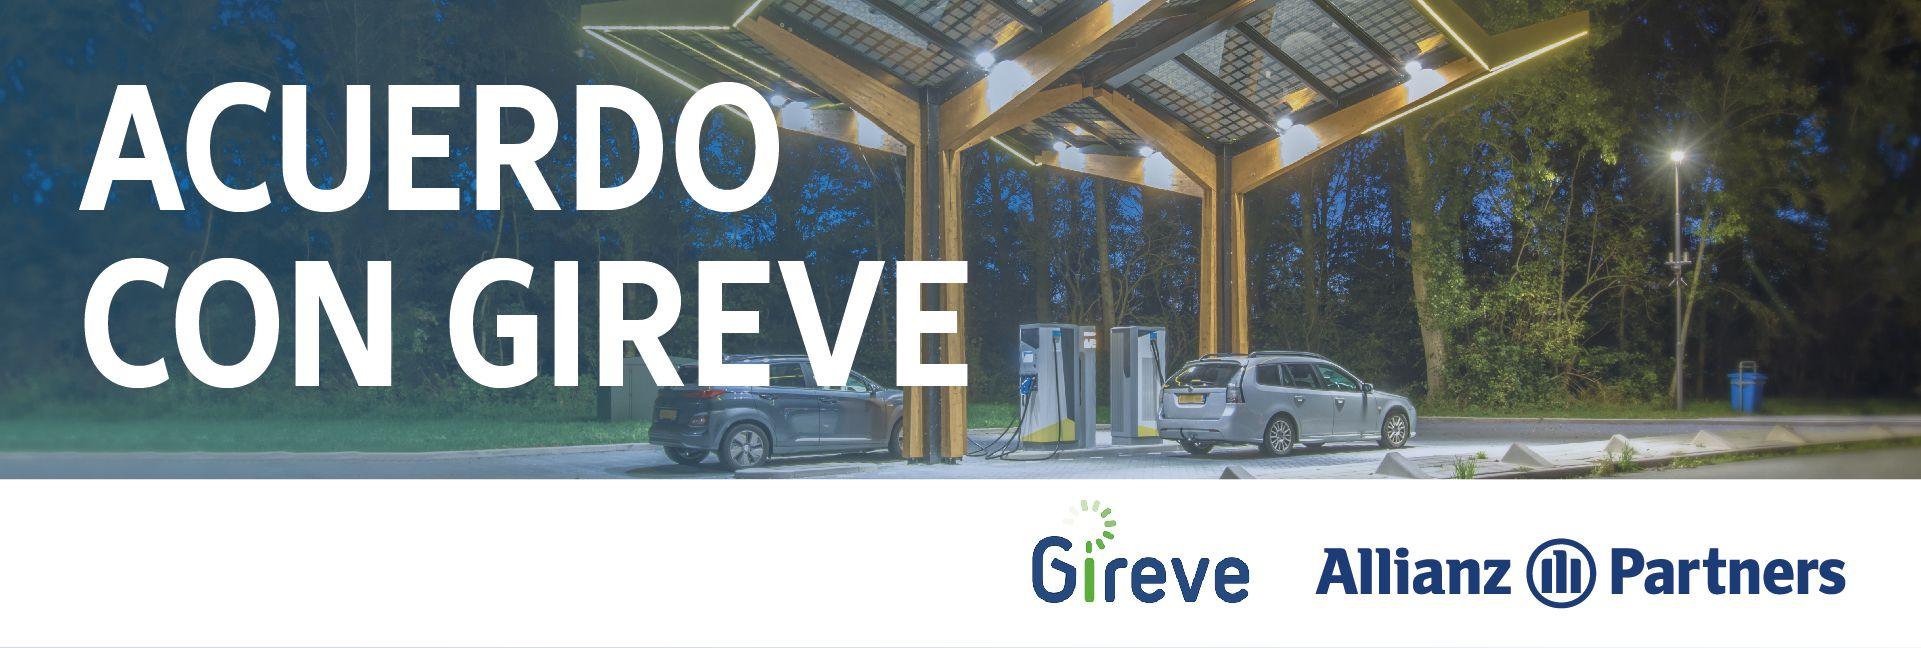 Allianz Partners amplía sus servicios para vehículos eléctricos gracias al acuerdo con la plataforma Gireve